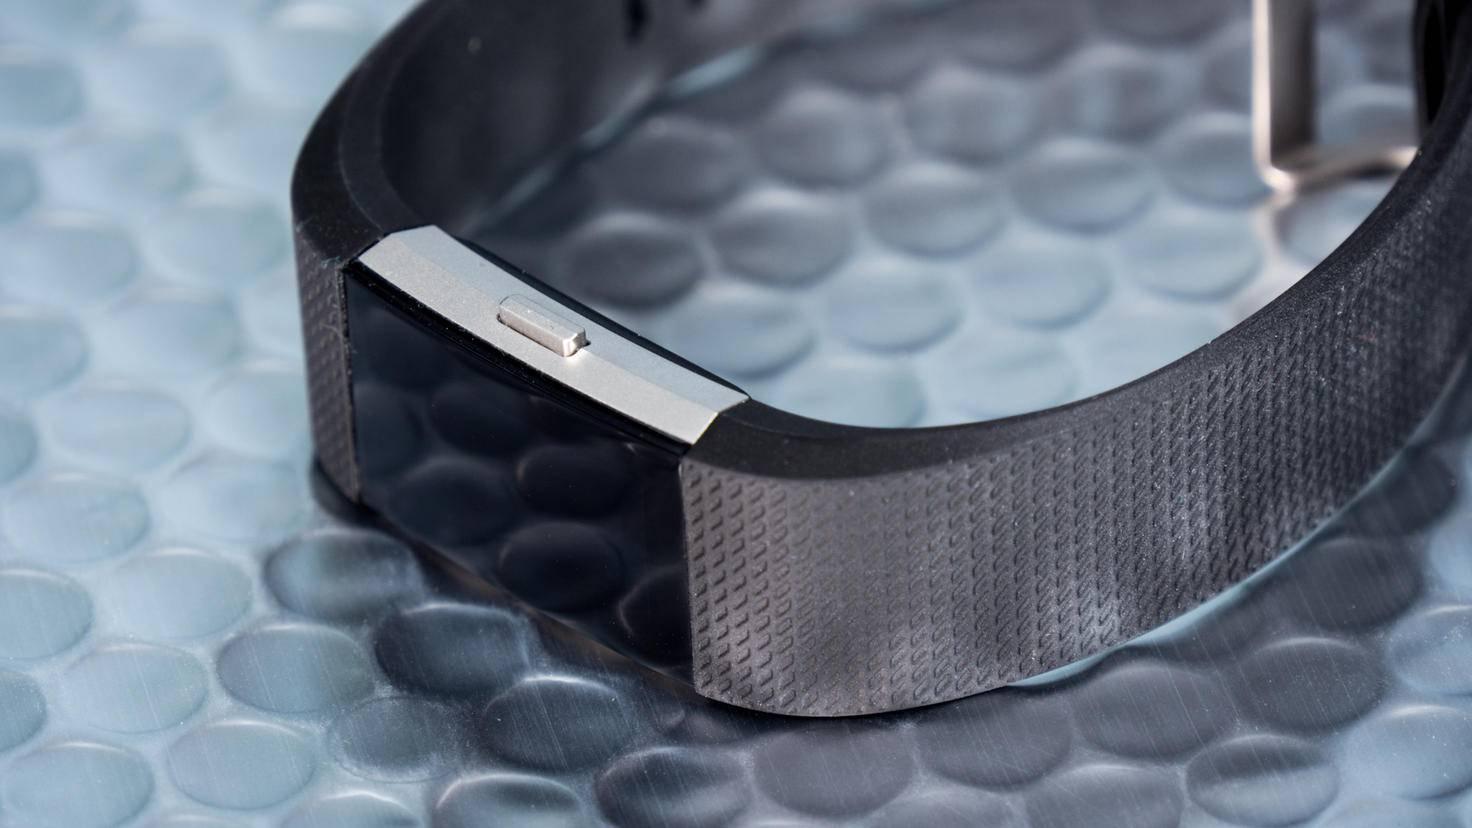 Der Fitbit Charge 2 kommt mit austauschbaren Armbändern.